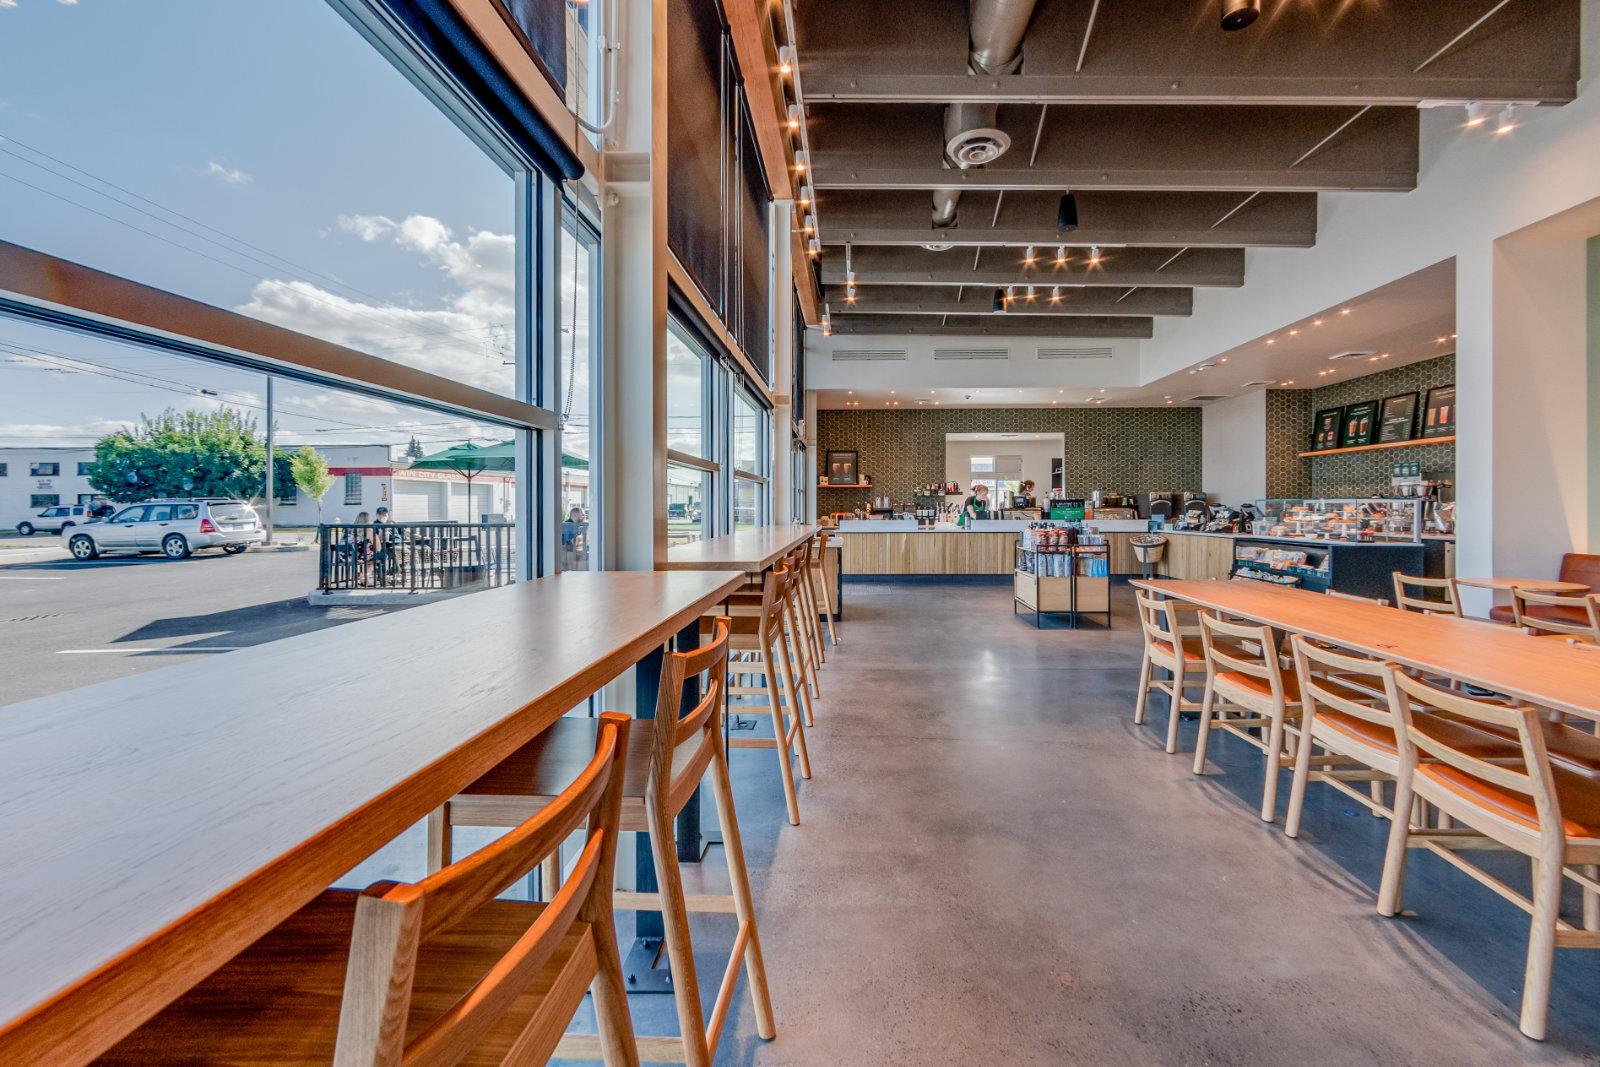 Brittell-Starbucks-WashingtonSt-013-BrokenBanjo1600.jpg